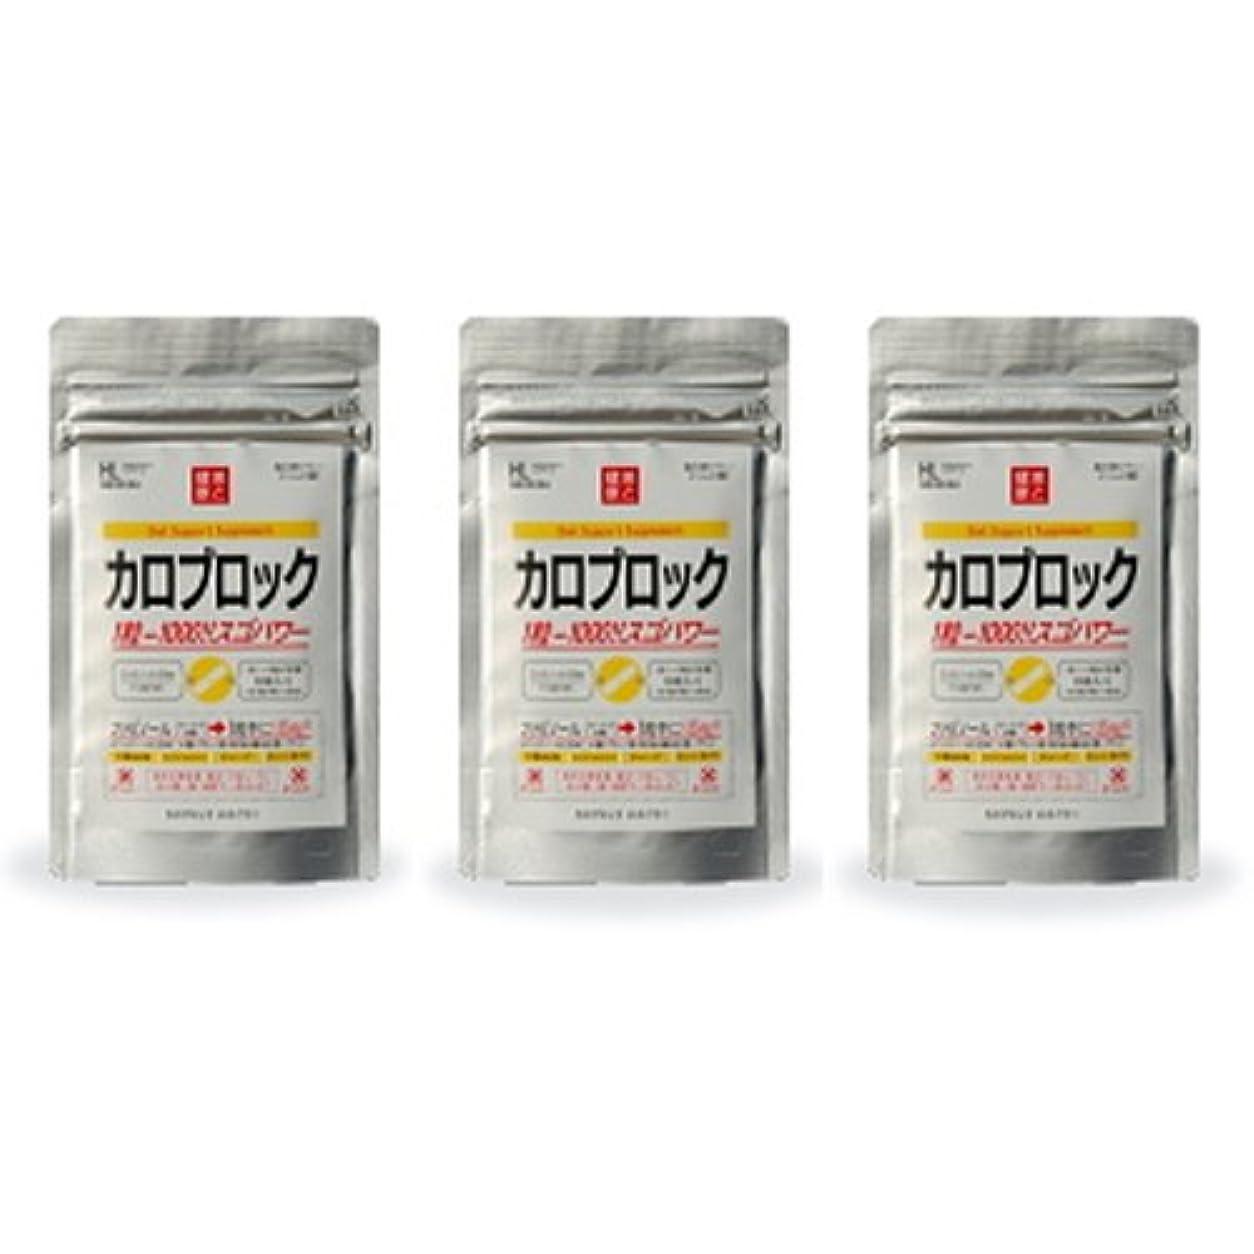 カロブロックスゴパワー 3個セット(白いんげん豆配合ダイエットサプリ)